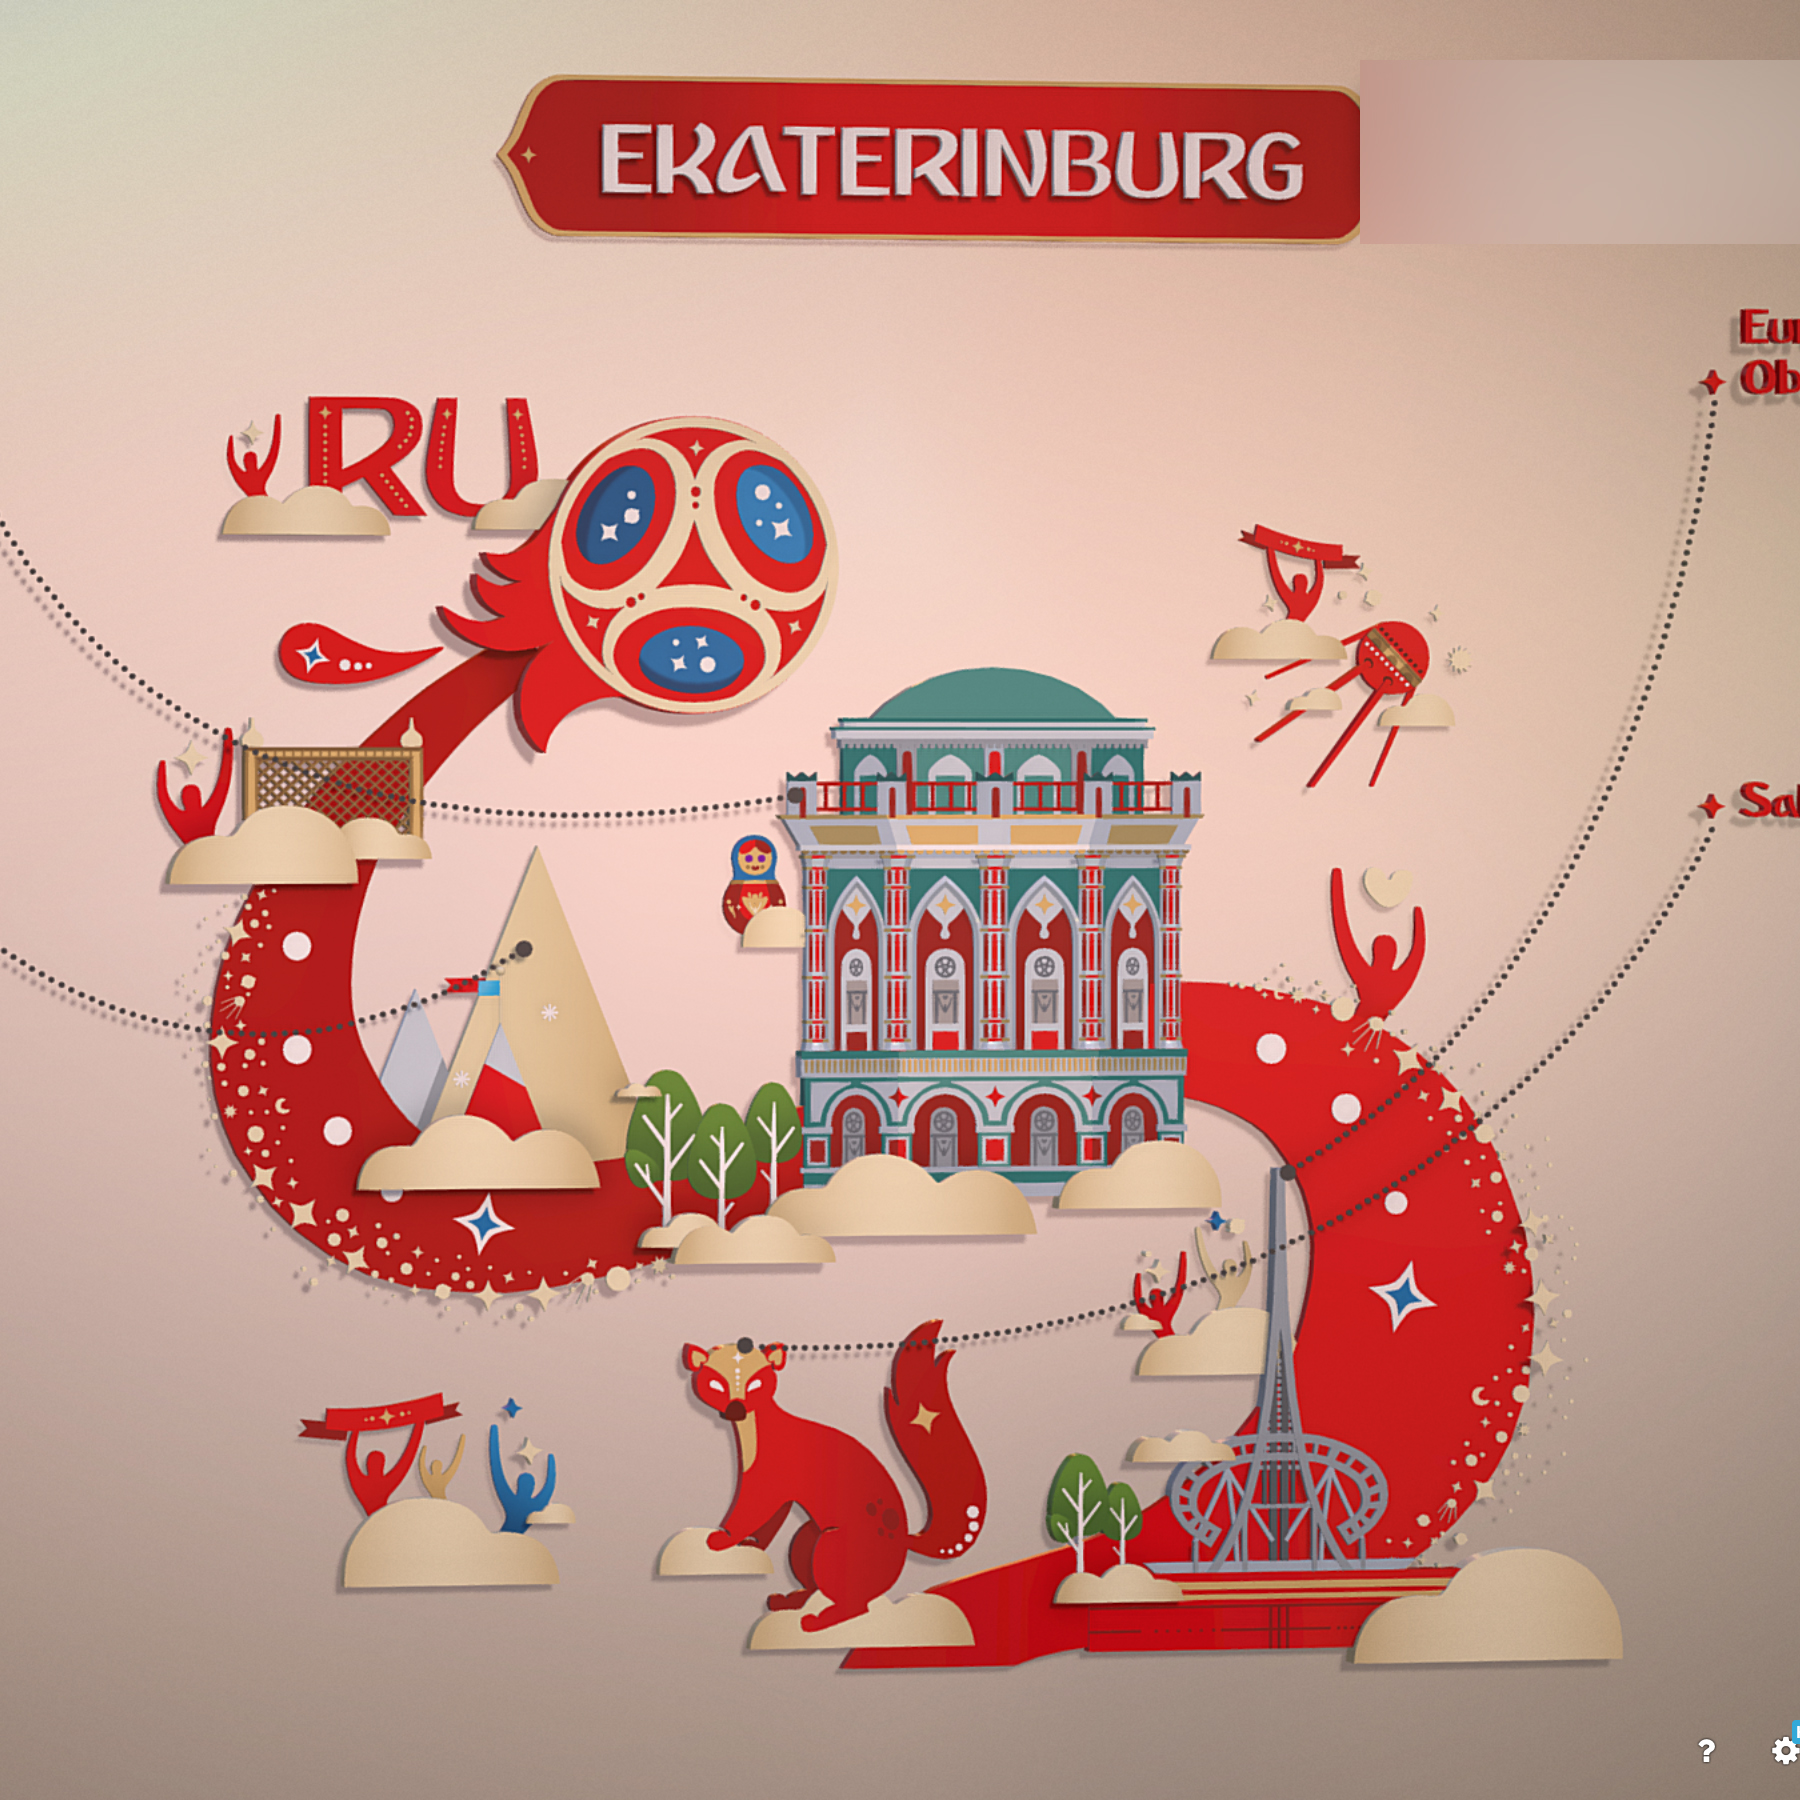 fifa wold cup 2018 russia host city ekaterinburg 3d model max  fbx jpeg jpg ma mb obj 271358